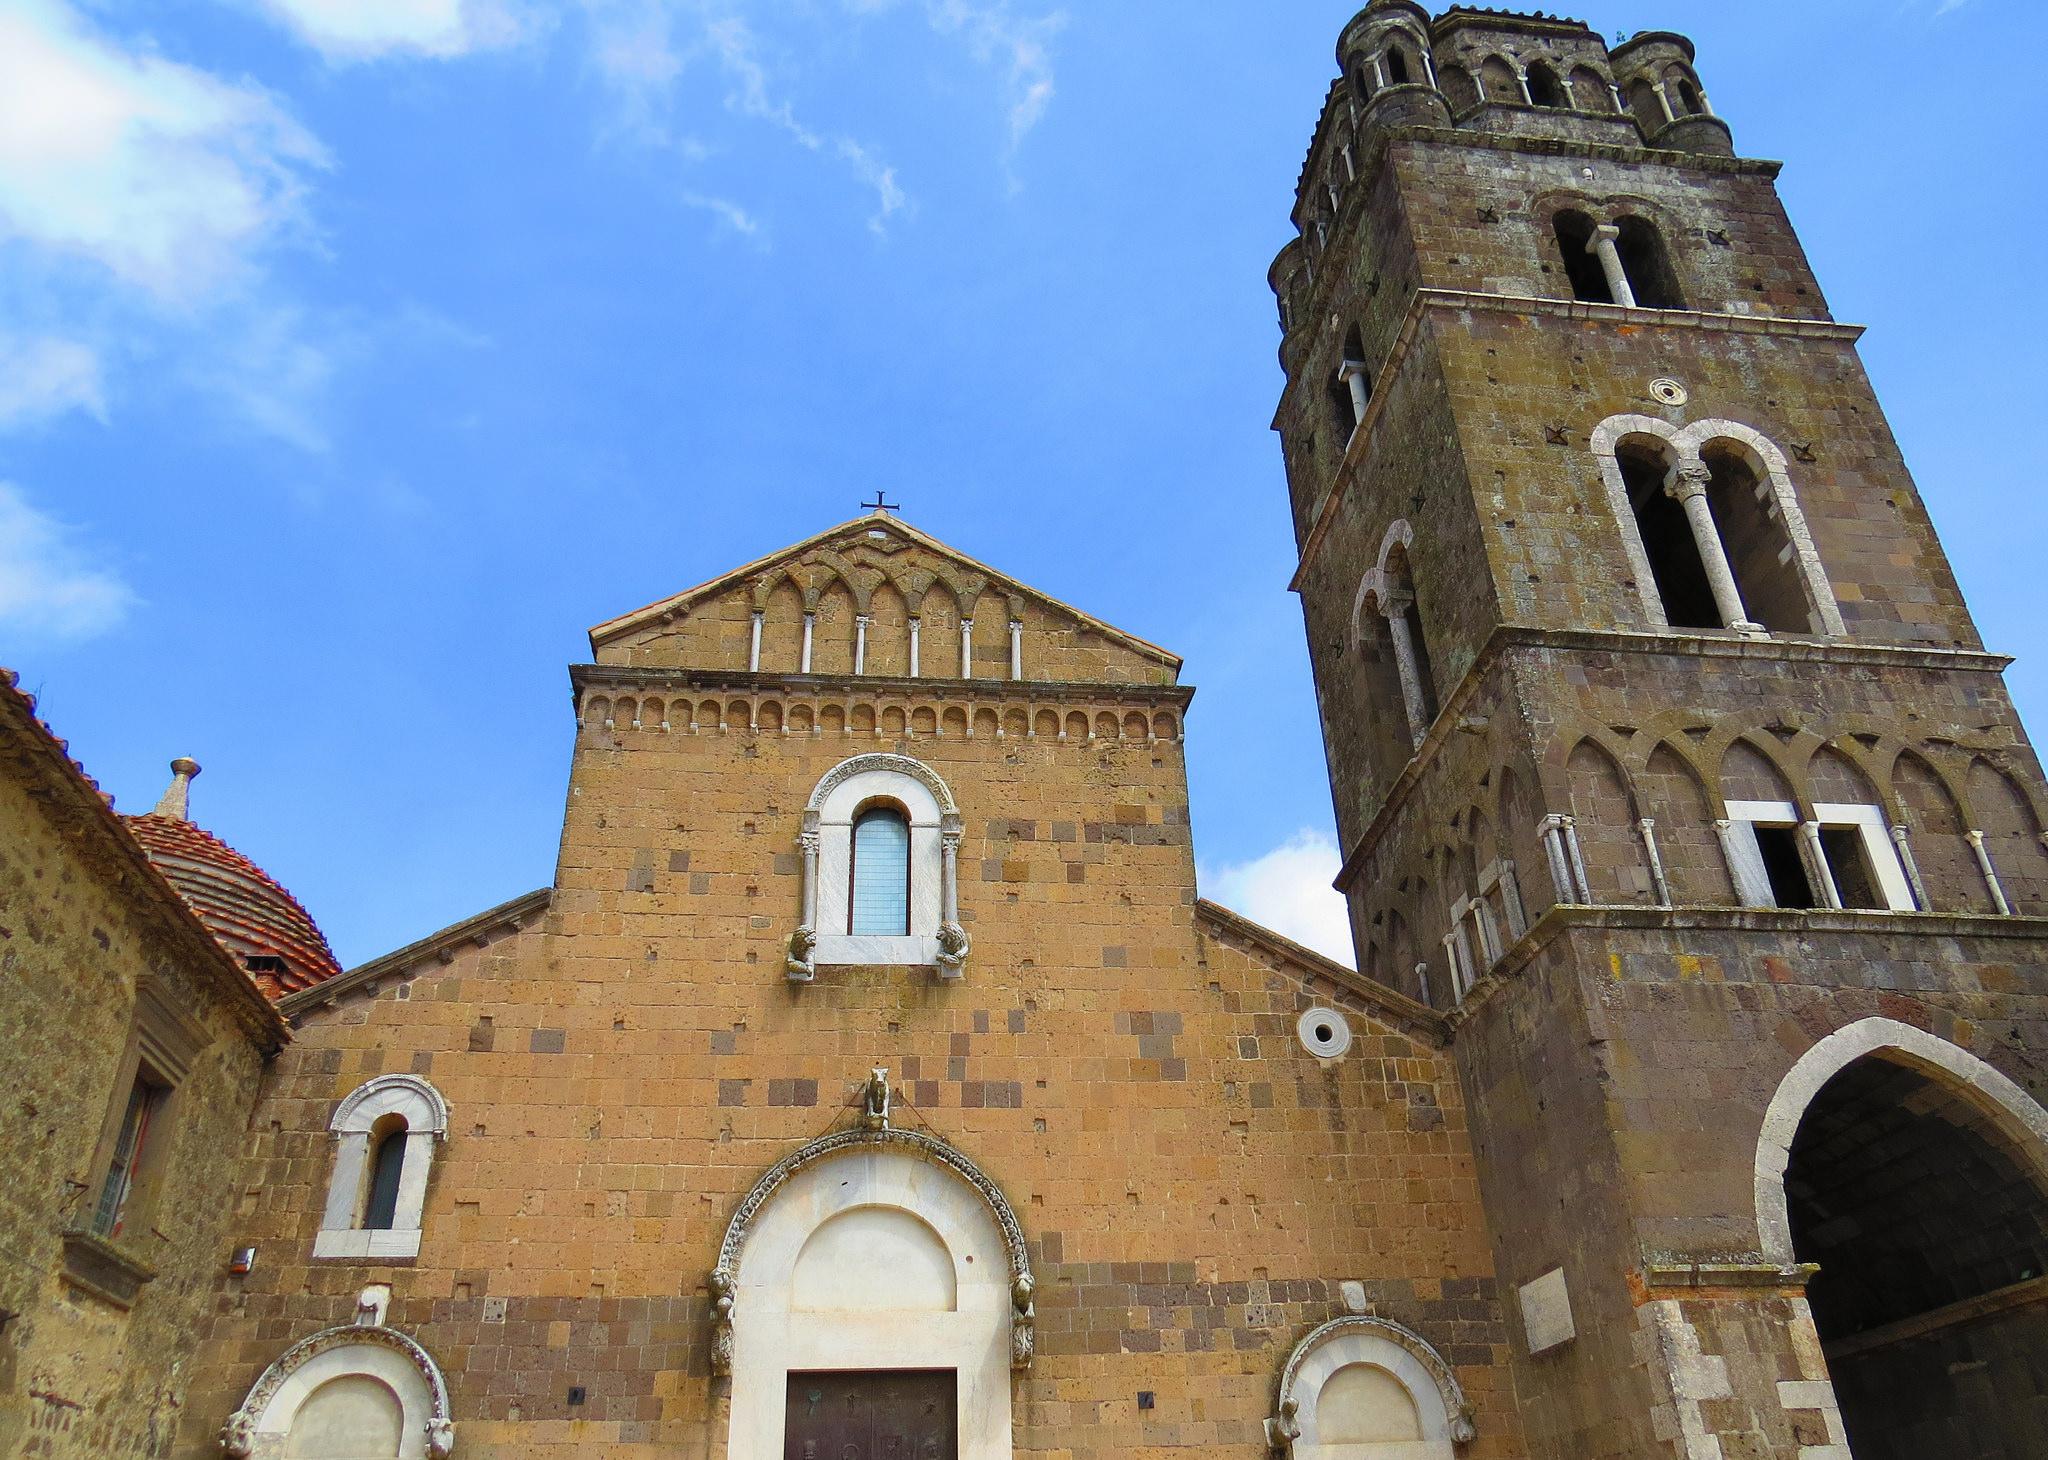 Cattedrale di Casertavecchia